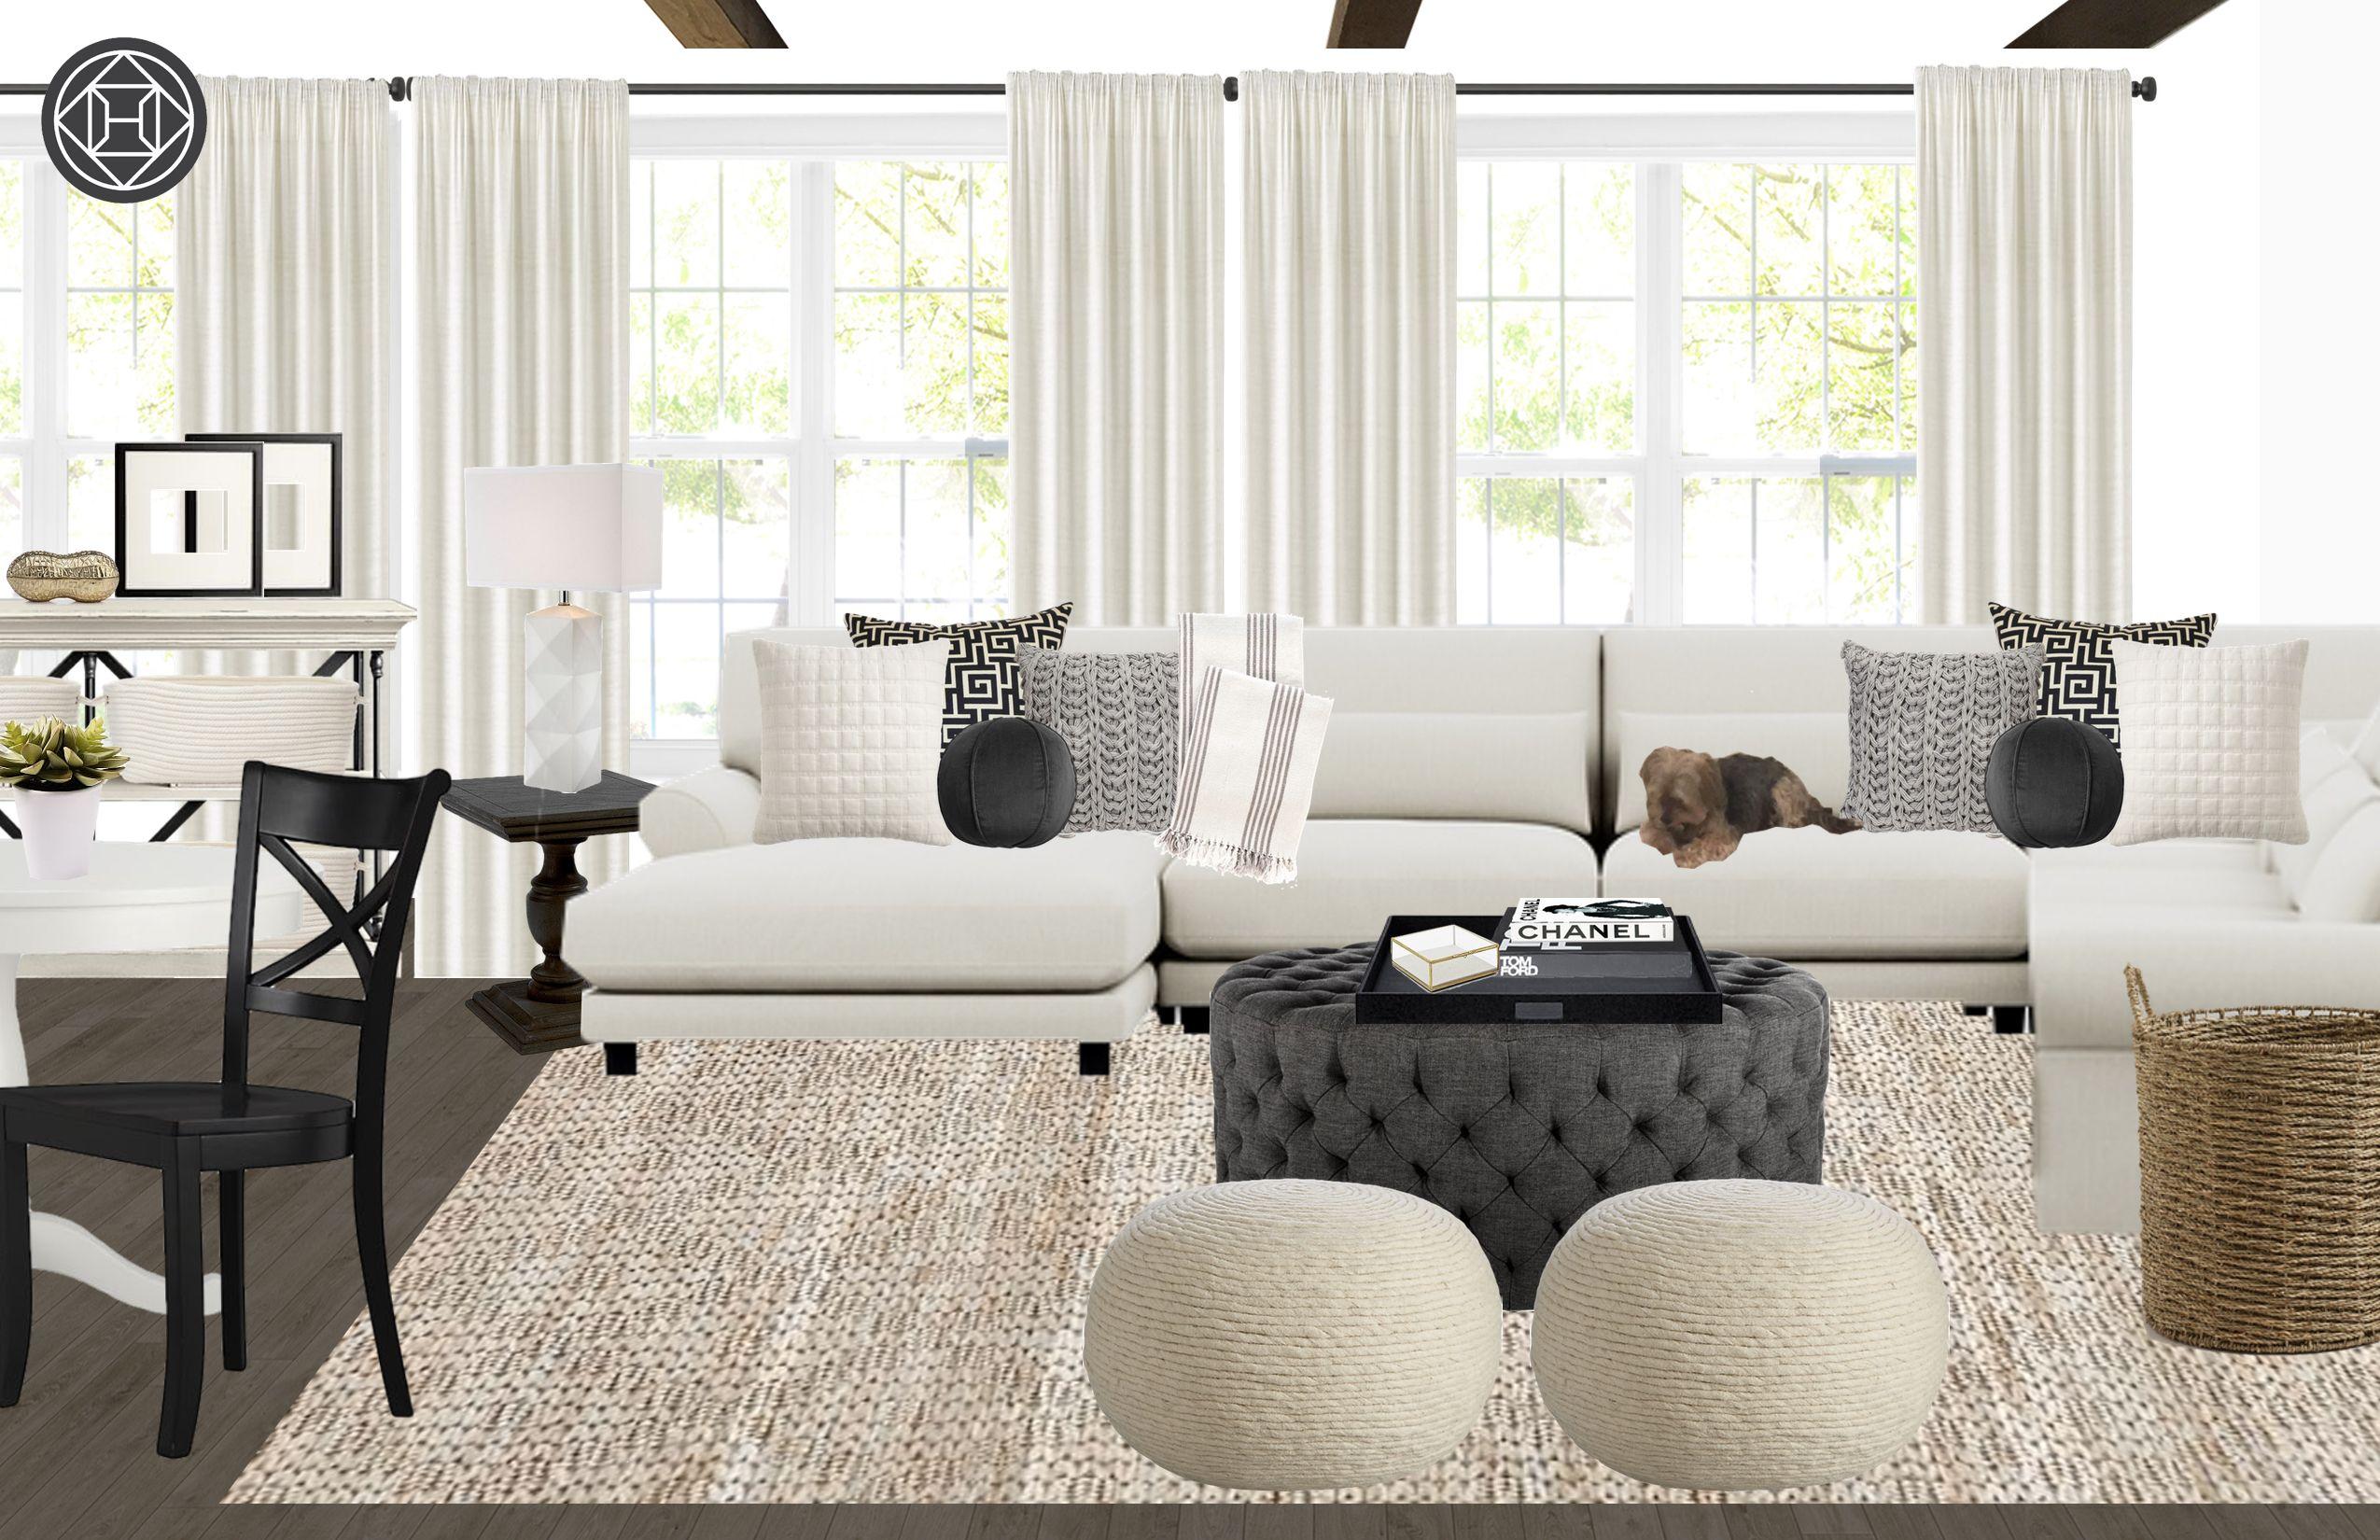 Contemporary Coastal Living Room Design By Havenly Interior